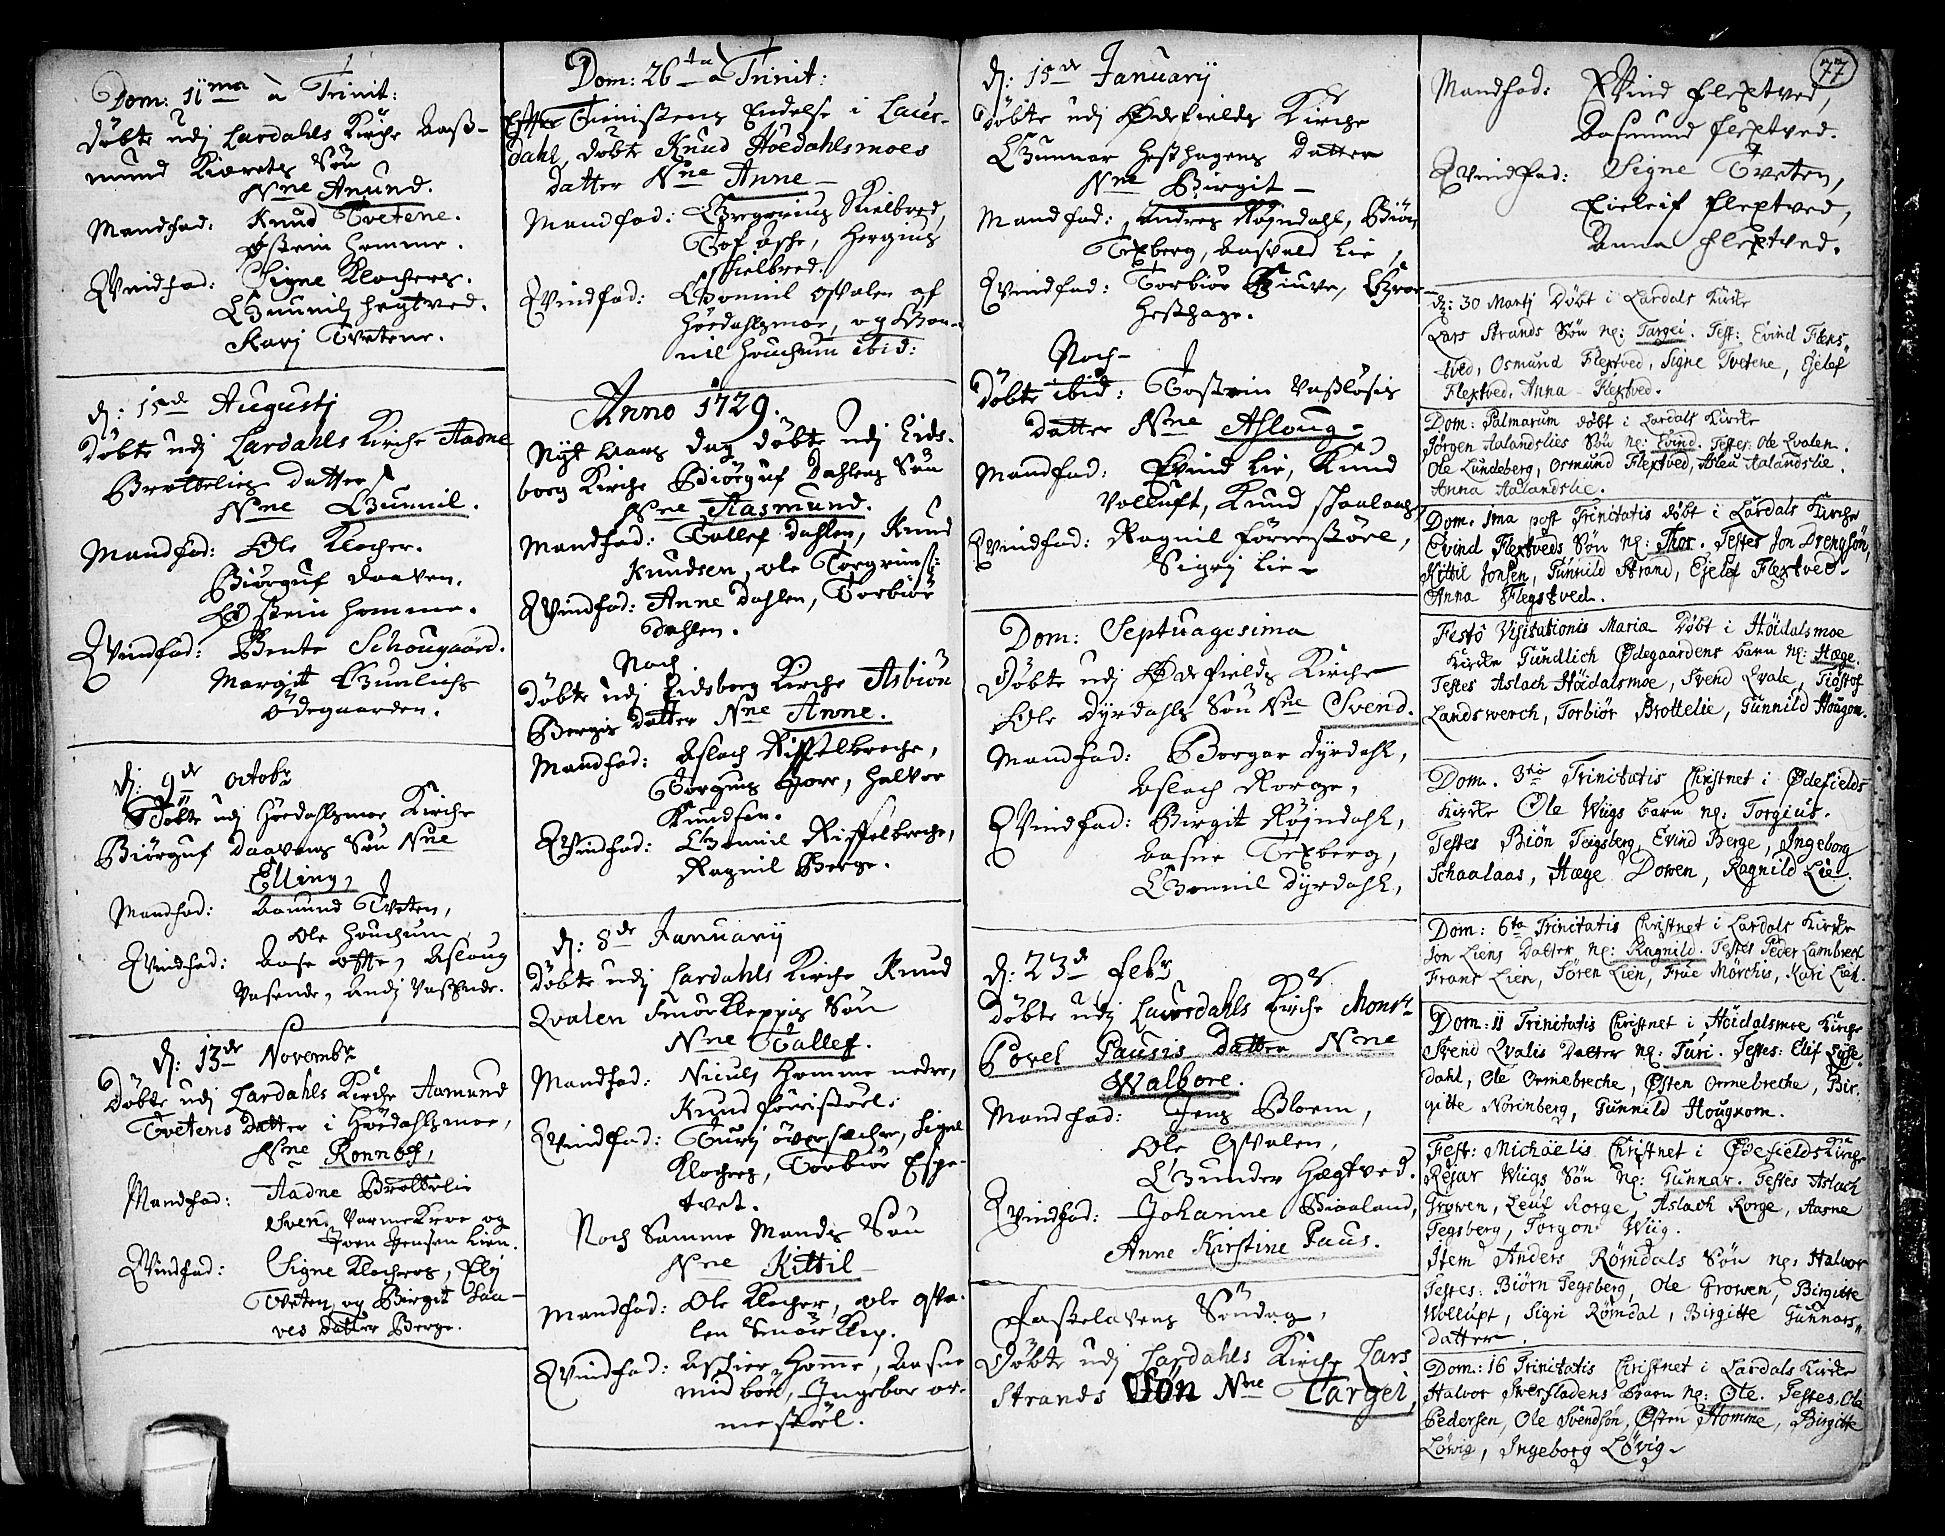 SAKO, Lårdal kirkebøker, F/Fa/L0001: Ministerialbok nr. I 1, 1721-1734, s. 77